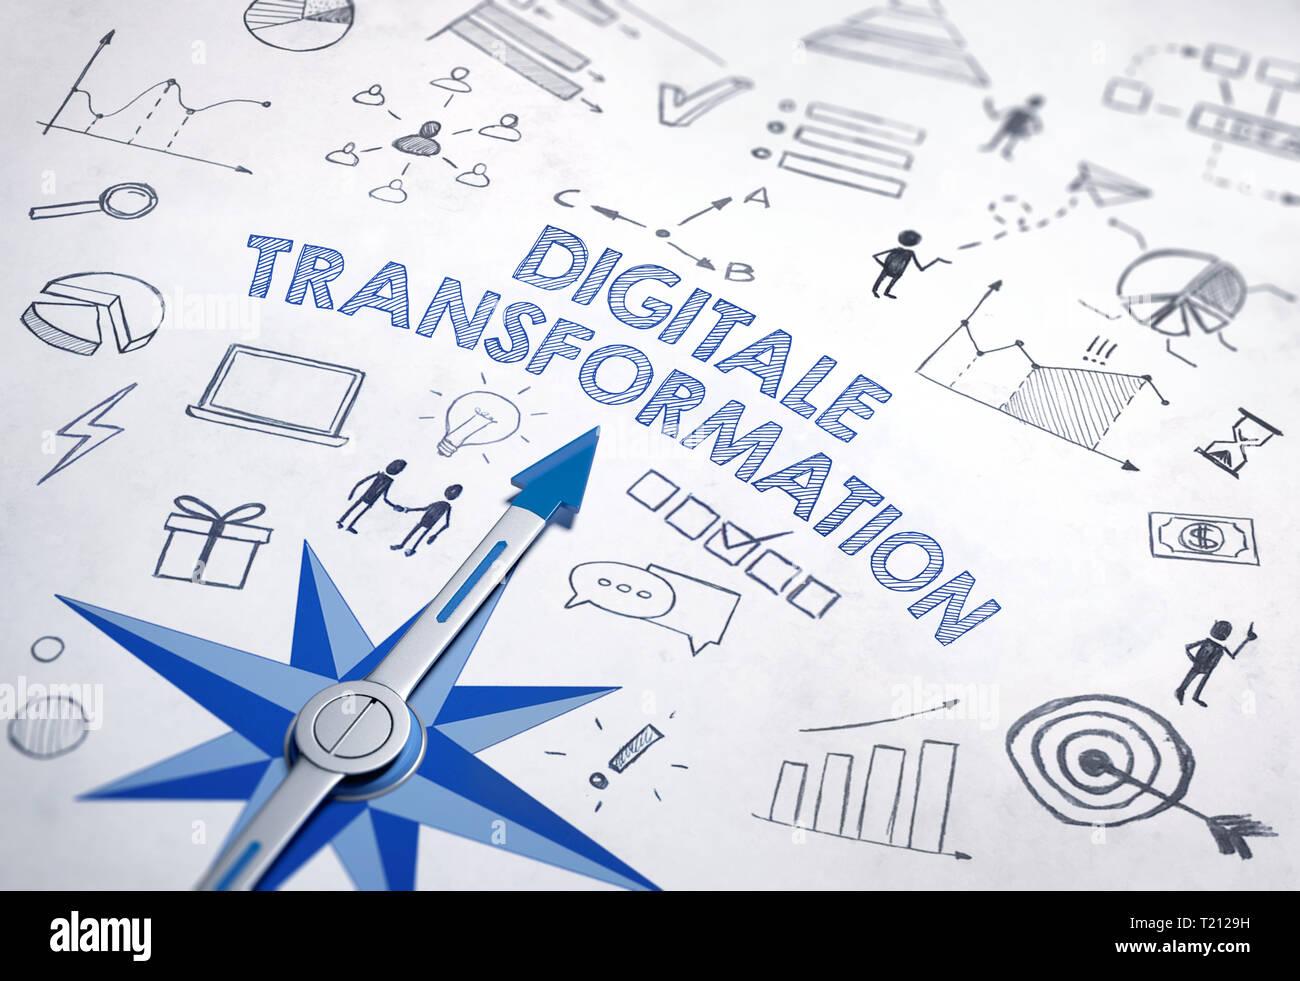 La trasformazione digitale (tedesco per 'Digital trasformazione') scritto in grassetto, il carattere blu in un design con bussola e vari schizzi. 3d Renderi Immagini Stock